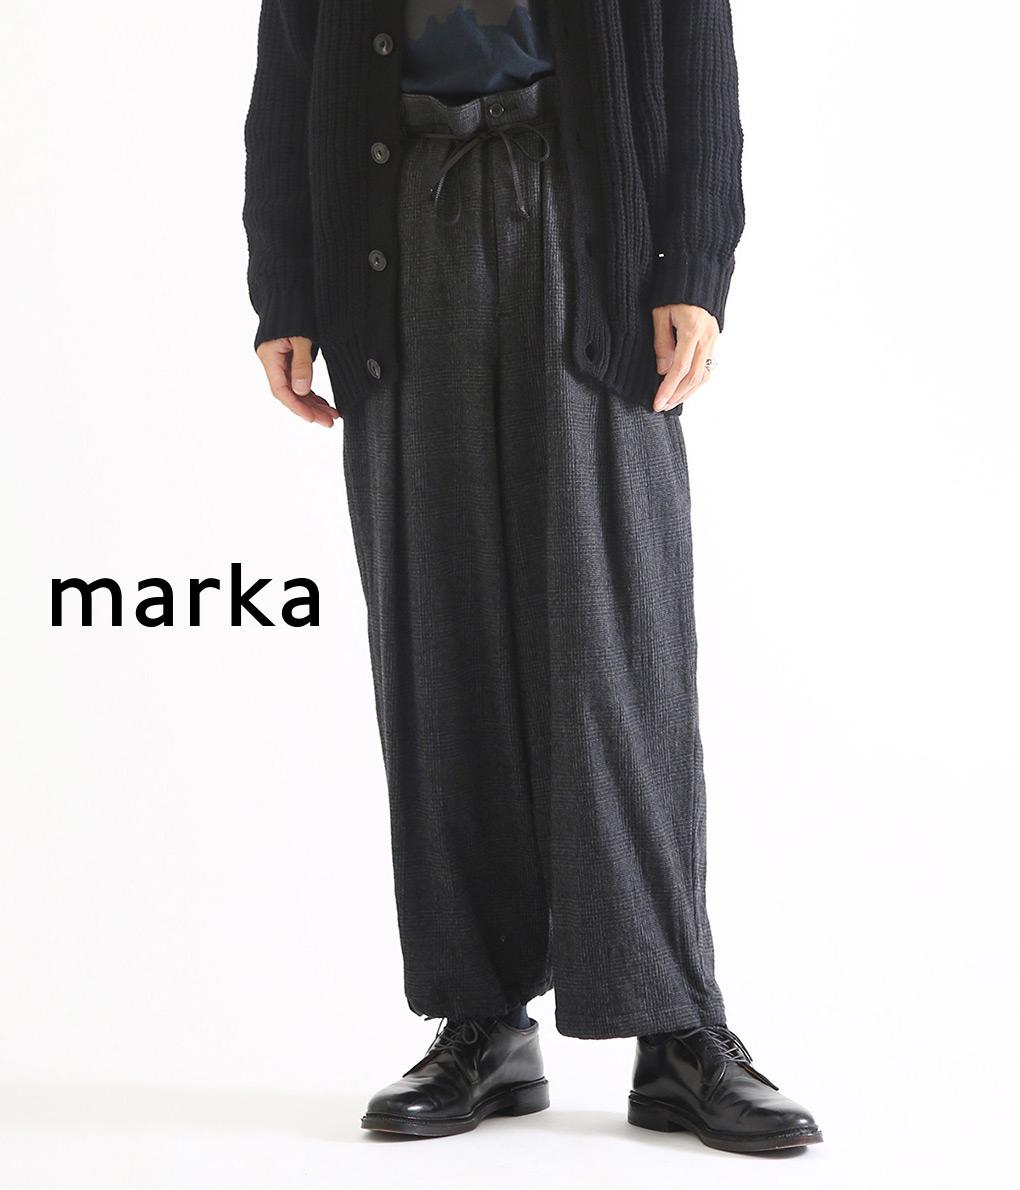 marka / マーカ : TUCK WIDE PANTS - co/w twill - /全2色 : タック ワイド パンツ ワイドパンツ チェック メンズ : M19D-02PT01C 【COR】【WIS】